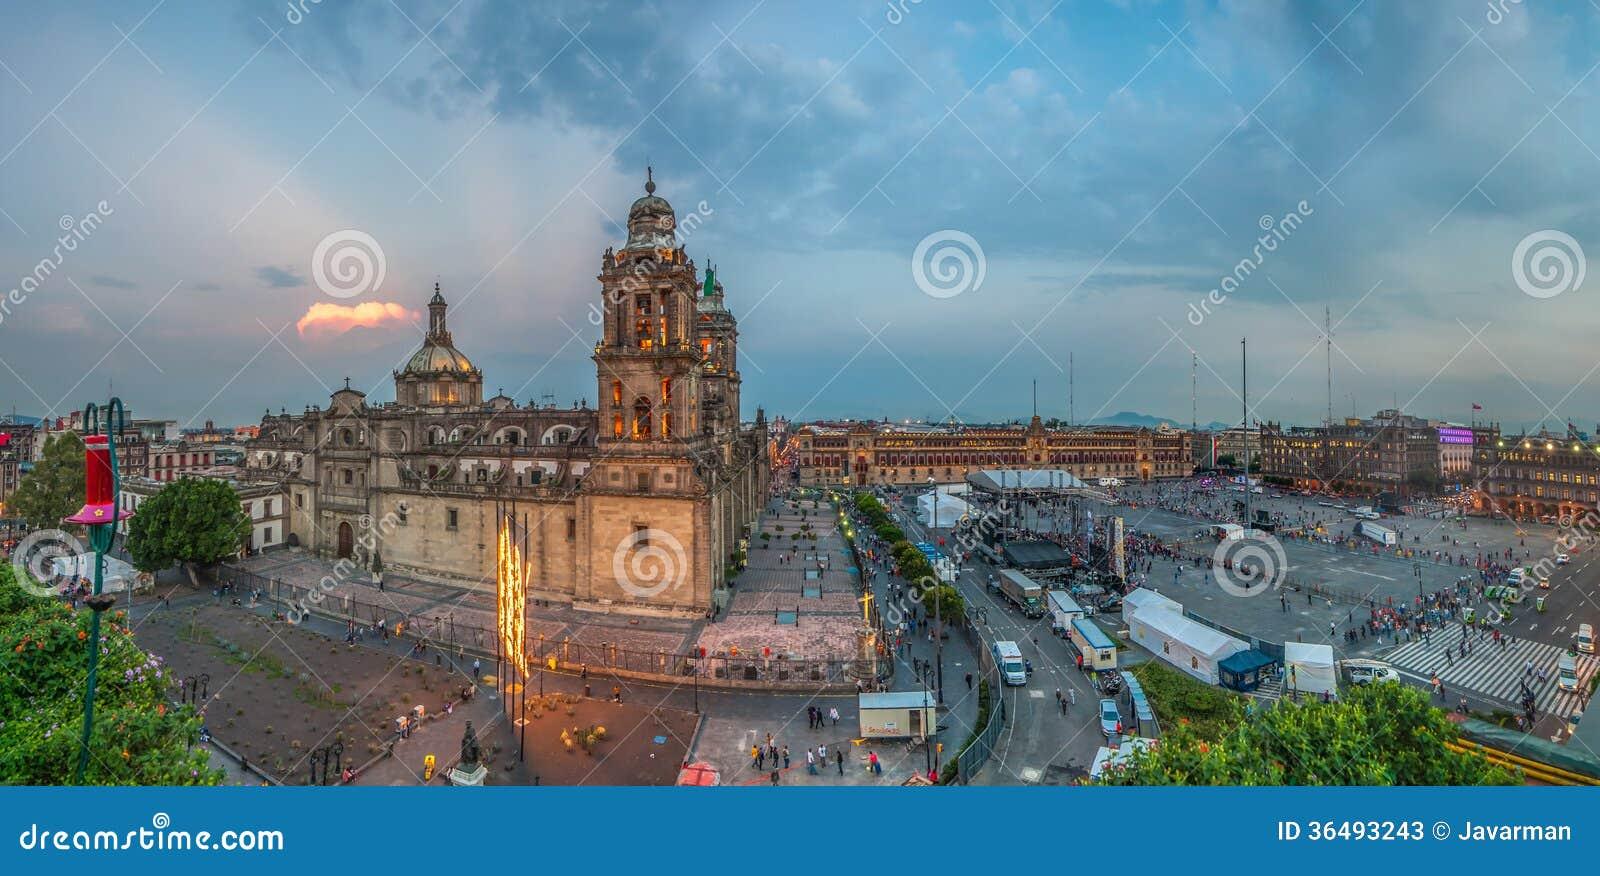 Zocalo-Quadrat und Stadtkathedrale von Mexiko City